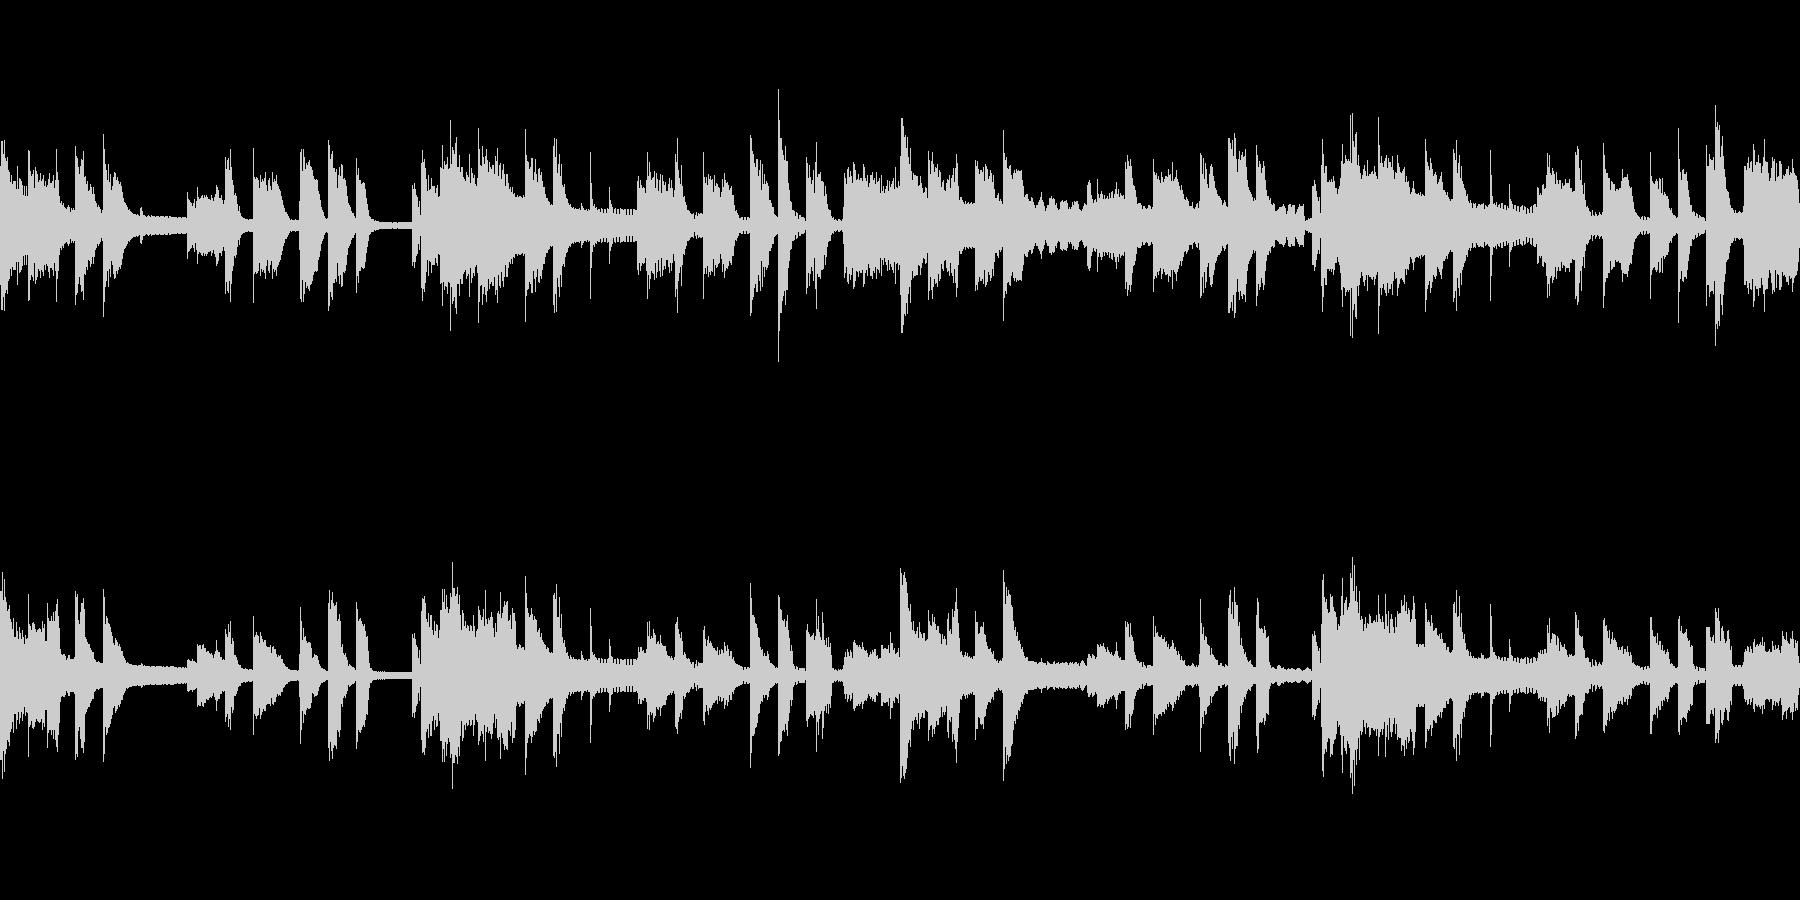 ピアノとオーボエのゆったりしたループ素材の未再生の波形